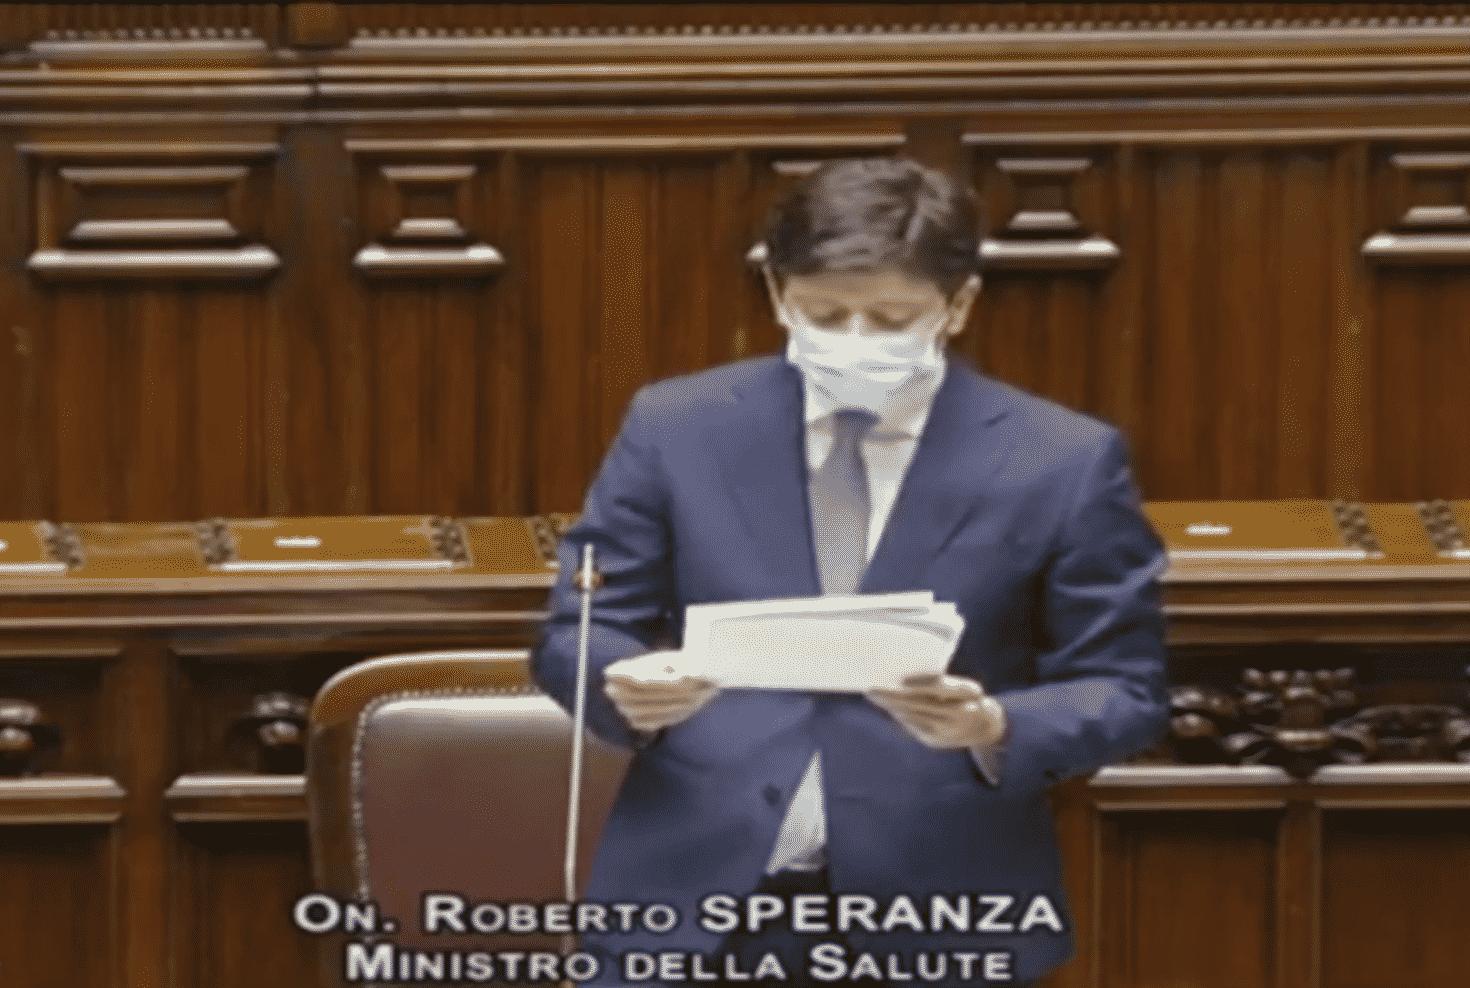 Camera intervento Roberto Speranza